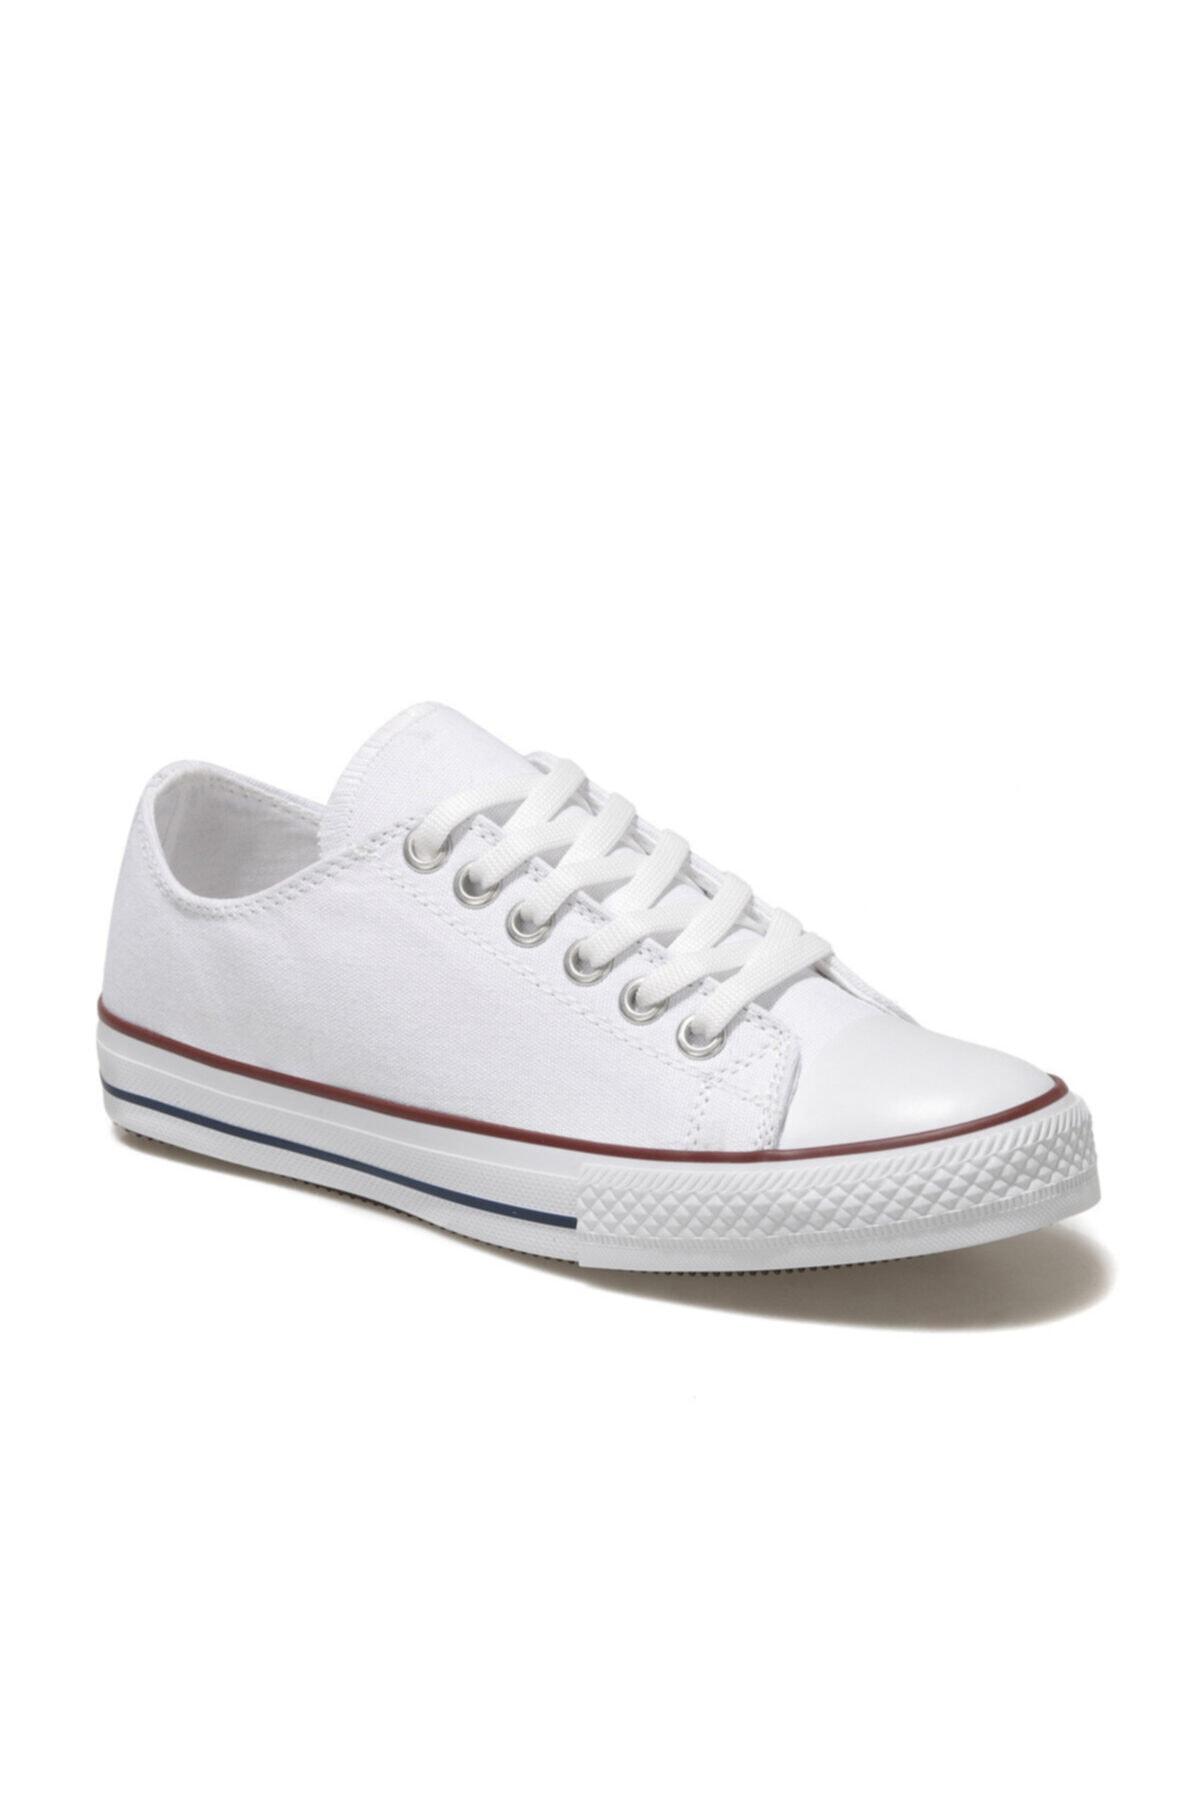 Polaris 356759.M1FX Beyaz Erkek Sneaker Ayakkabı 101015135 1